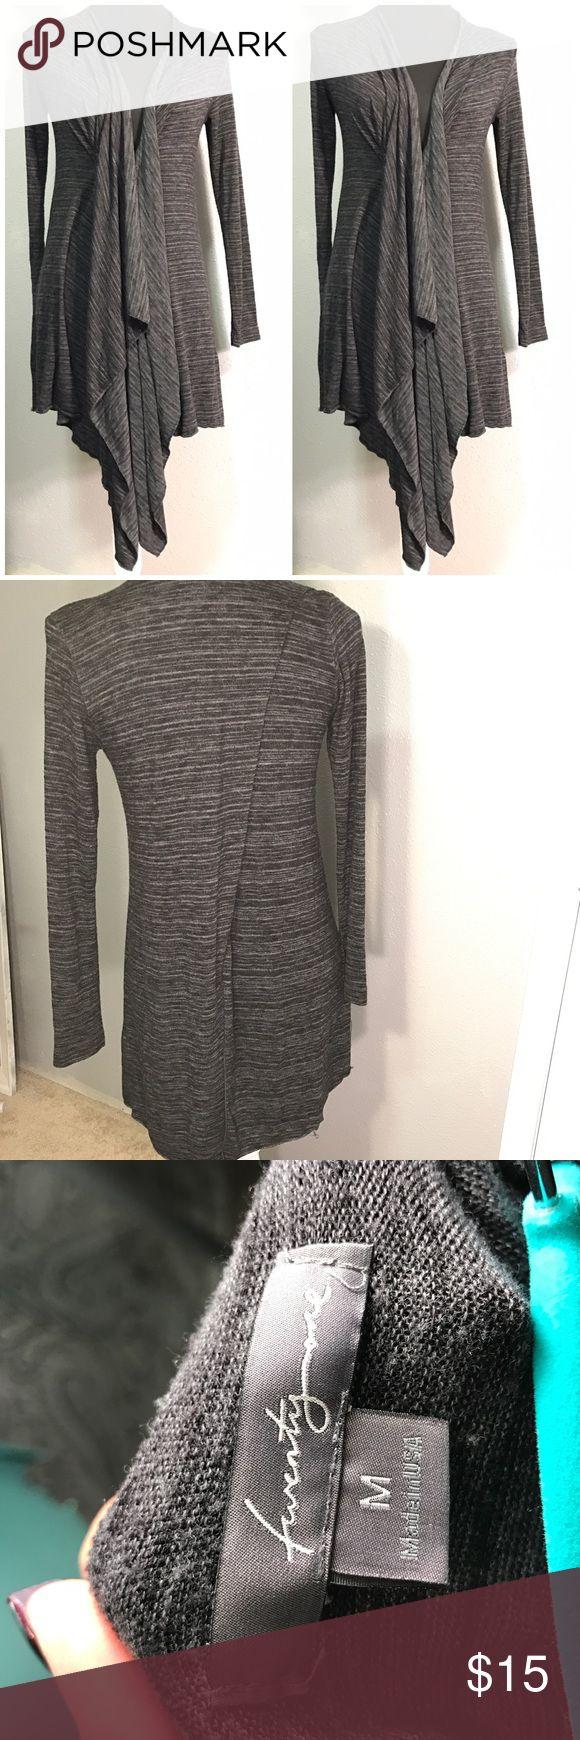 TwentyOne Grey Ash Cardigan Med TwentyOne Grey Ash Cardigan Med soft and comfortable, soft and comfy can be worn with a small T or tank, stretchy love this !!! TwentyOne Sweaters Cardigans